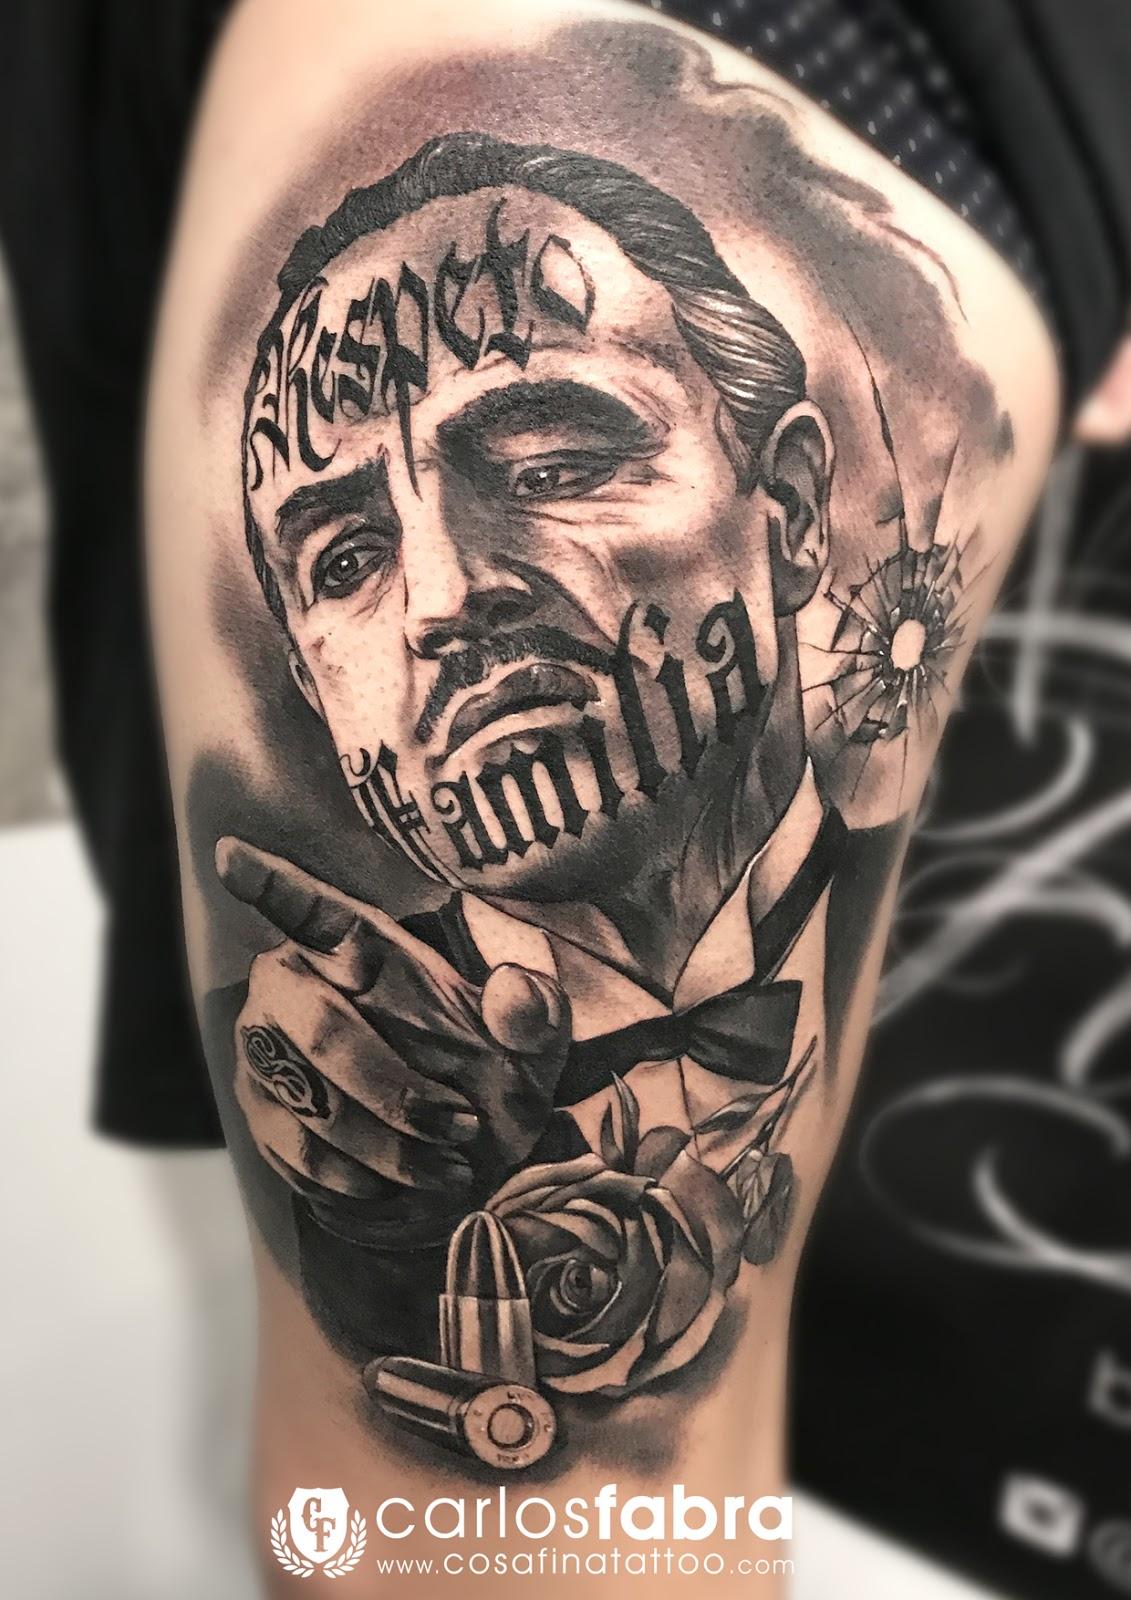 Tatuaje Carlos cosafina tattoo carlos art studio: tatuaje tatuajes tattoo tattoos